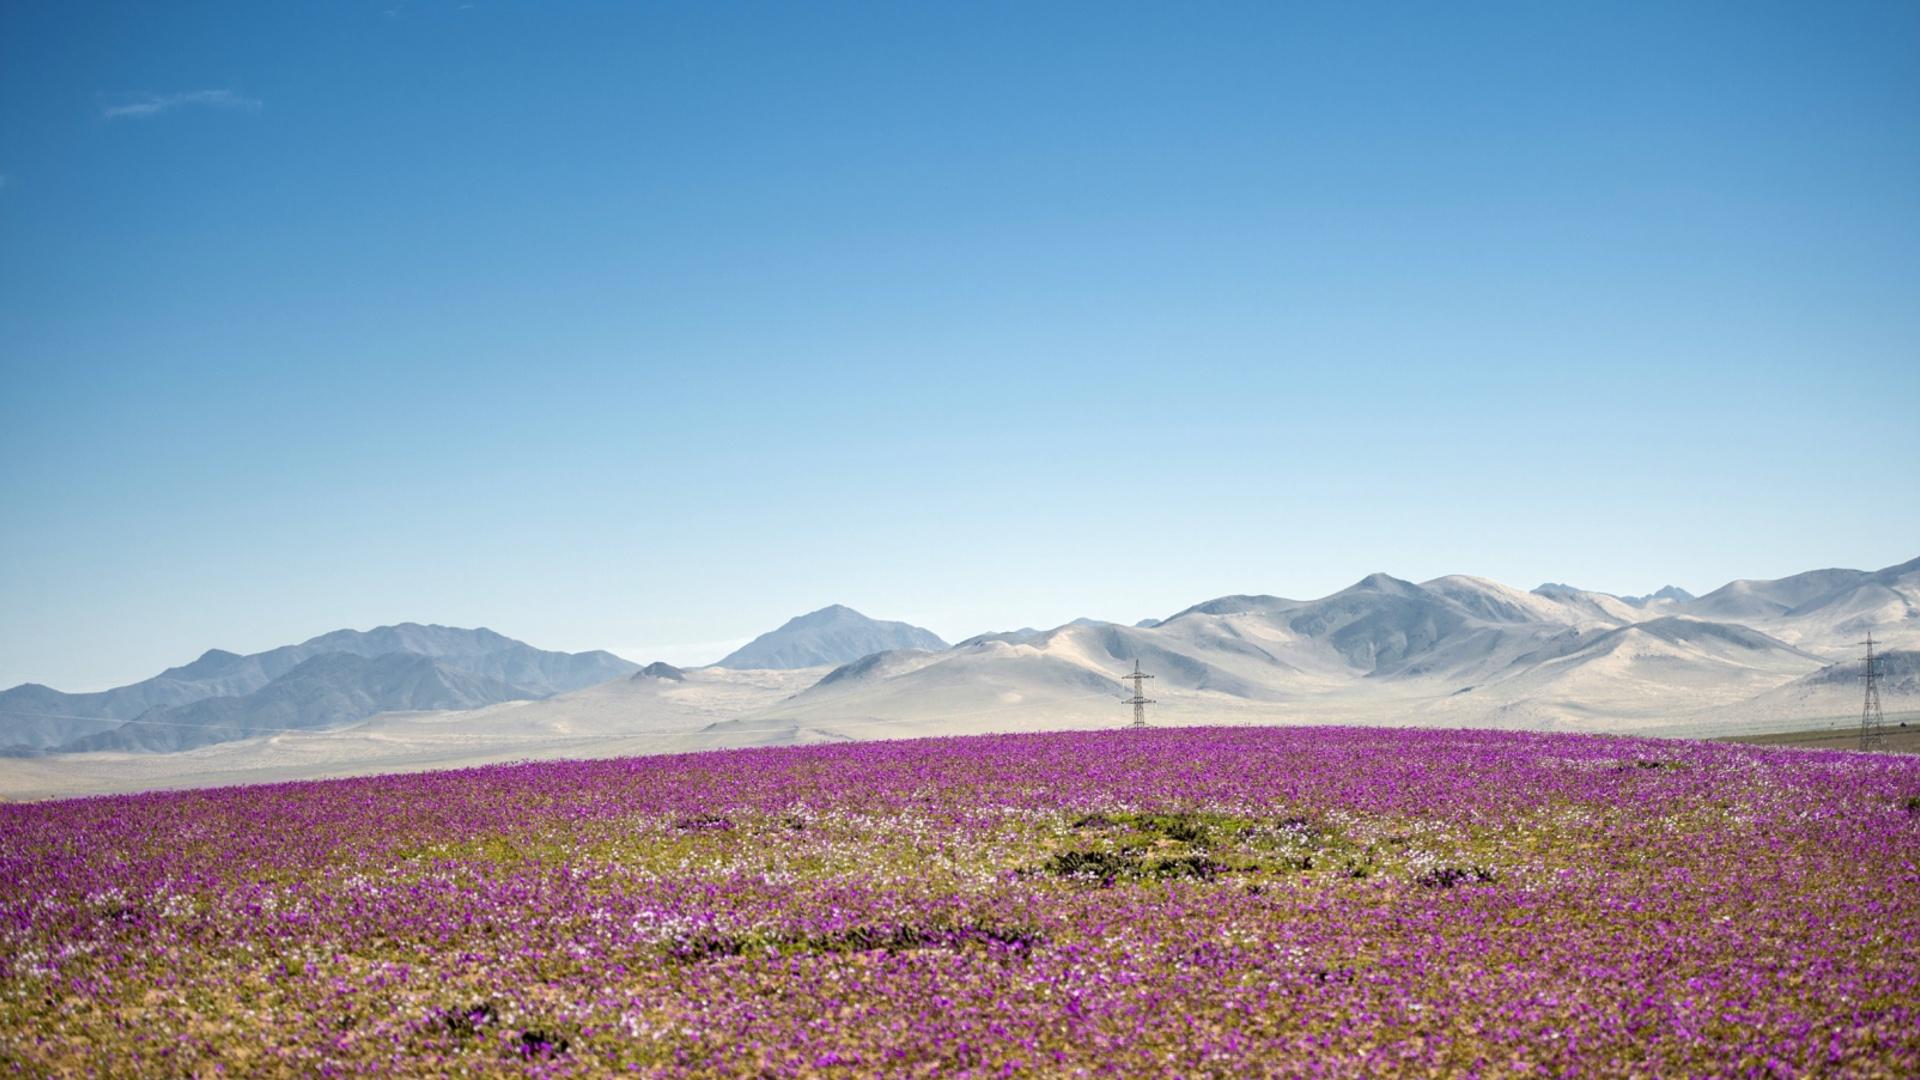 Ковёр сиреневых цветов укрыл пустыню Атакама в Чили